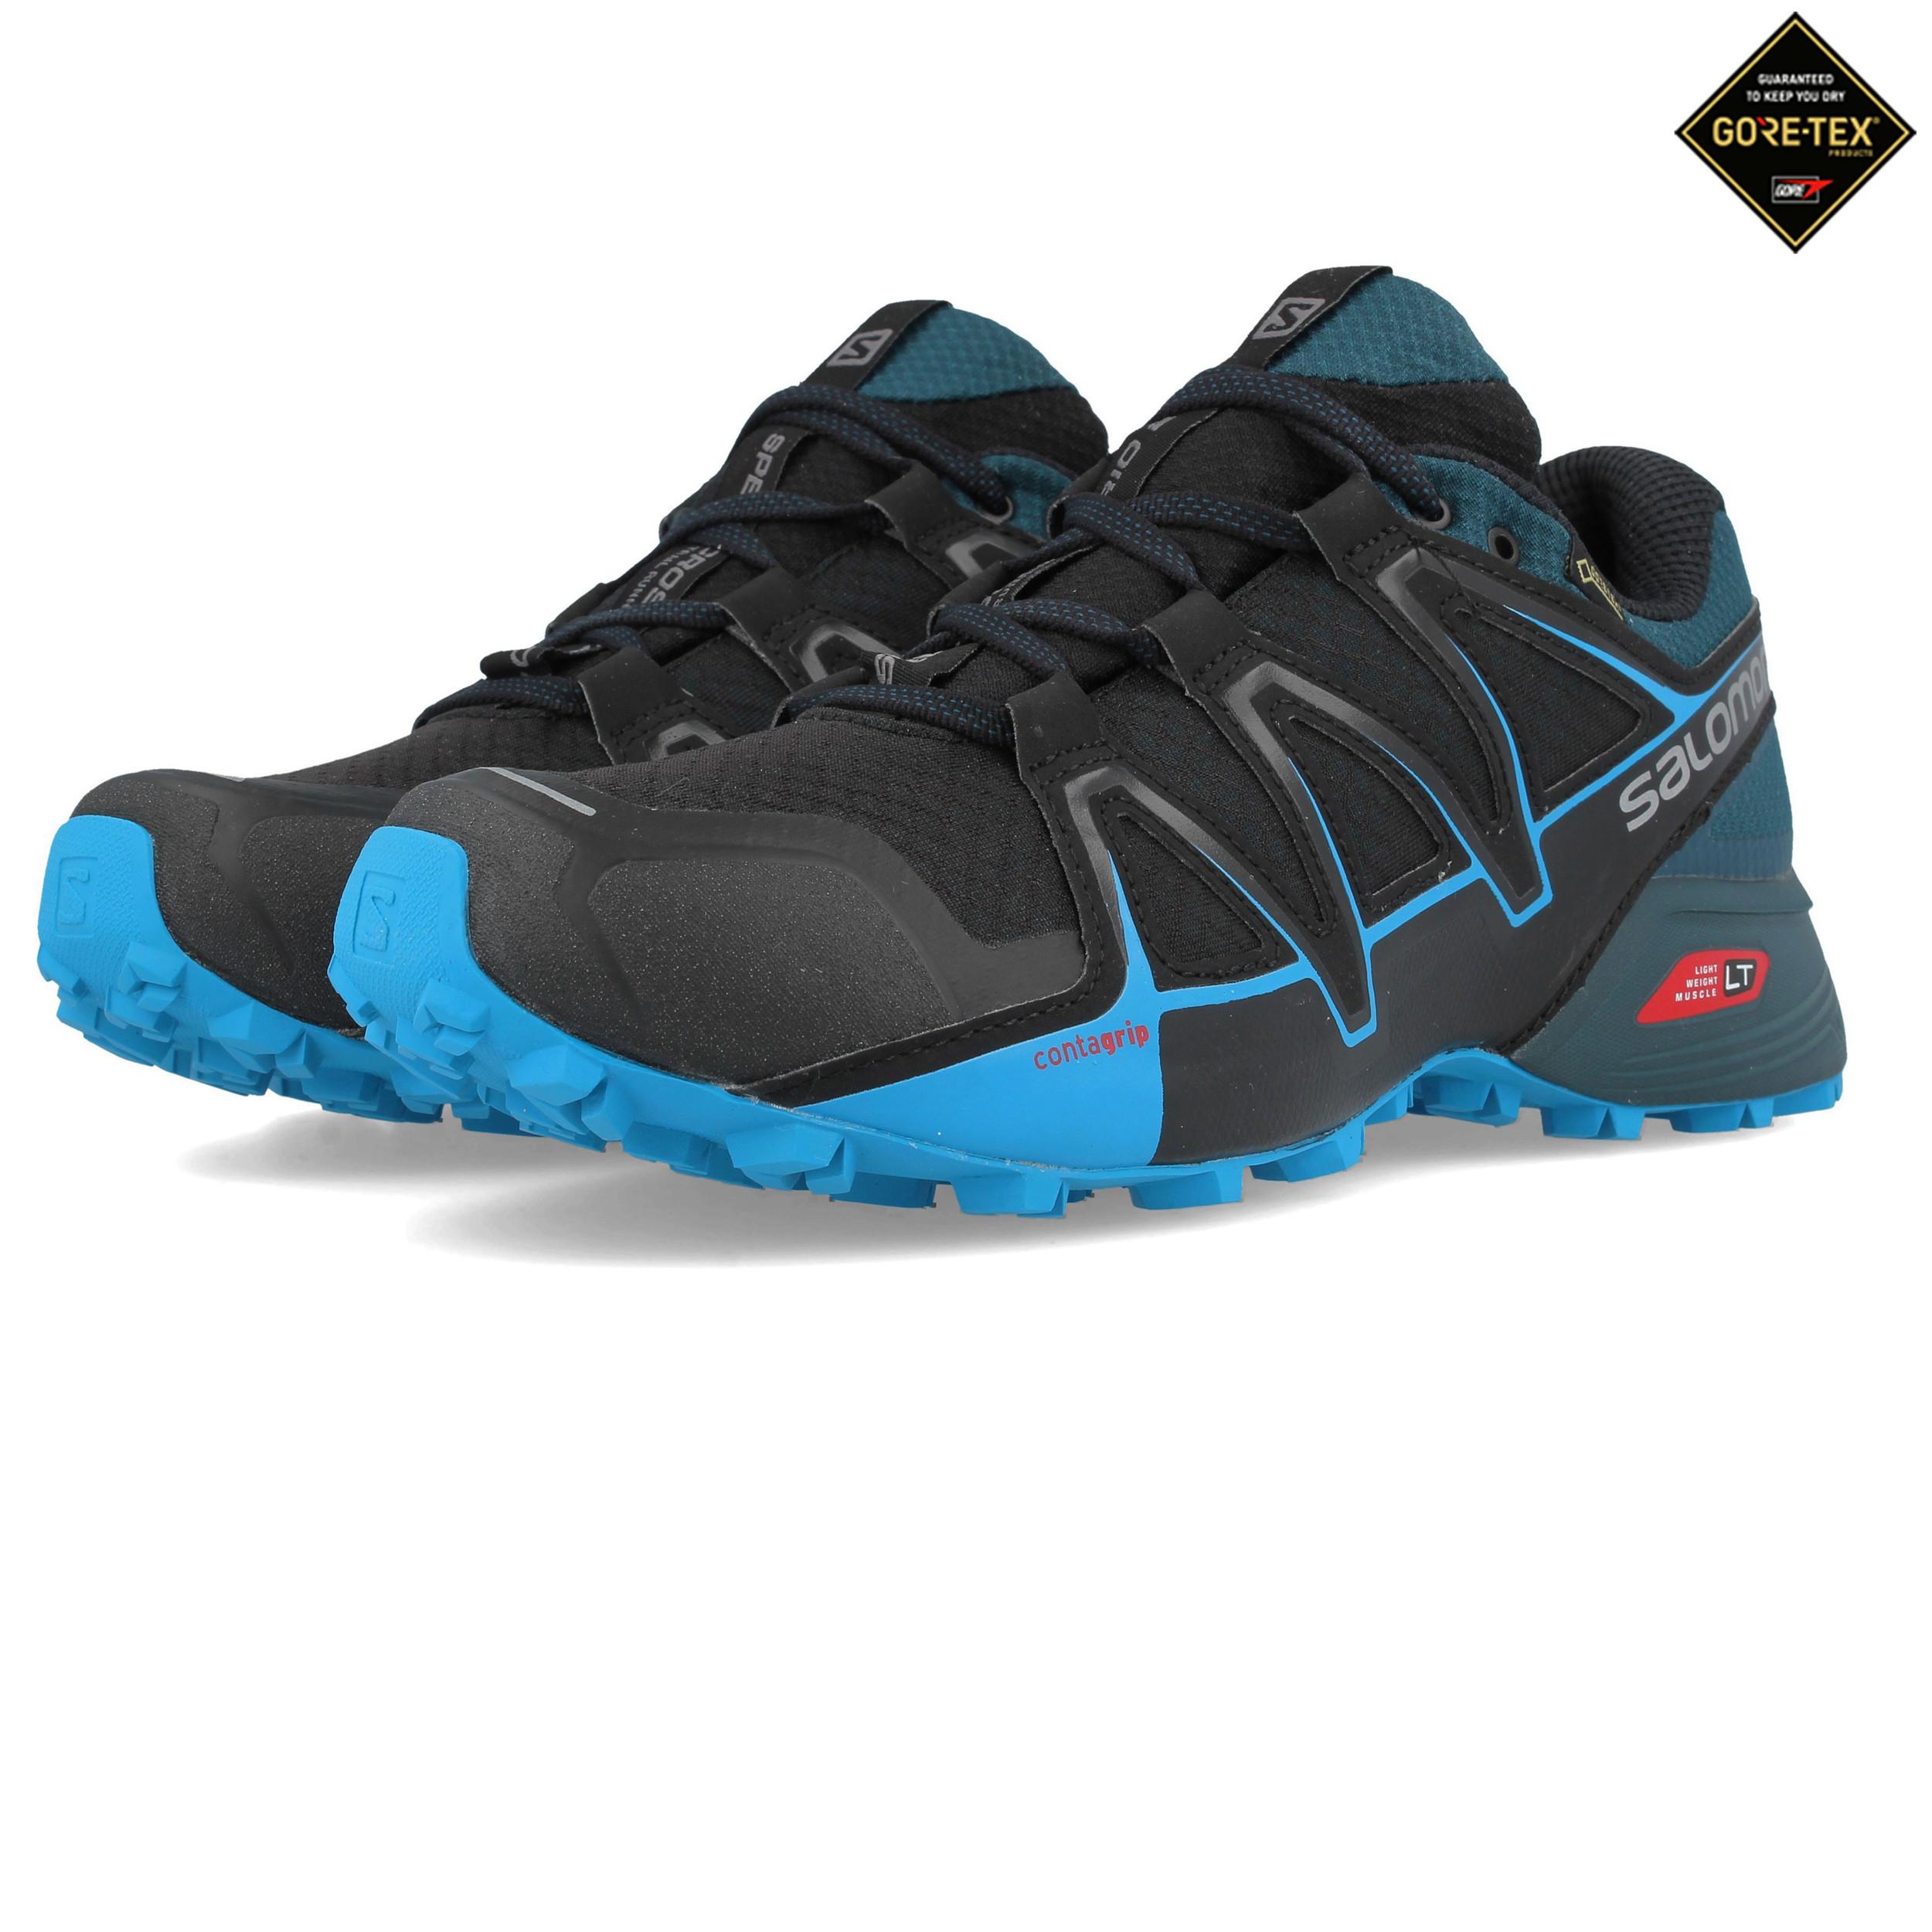 ab7ec1e9ba07 Salomon Hombre Speedcross Vario 2 Gore-tex Sendero Correr Zapatos Zapatillas